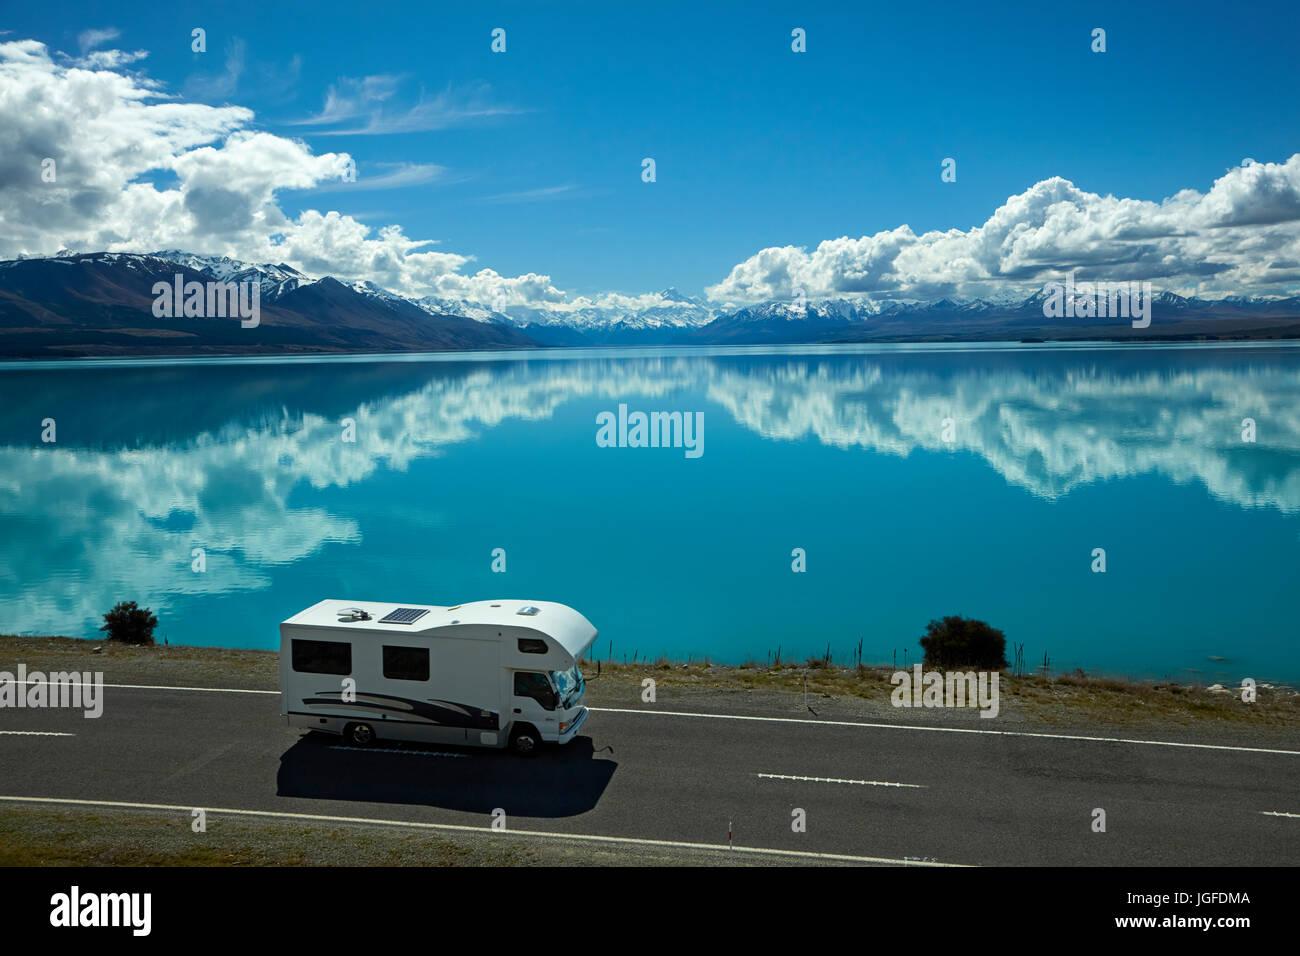 Wohnmobil auf den State Highway 8 und Aoraki / Mount Cook spiegelt sich in Lake Pukaki, Mackenzie Country, Canterbury, Stockfoto